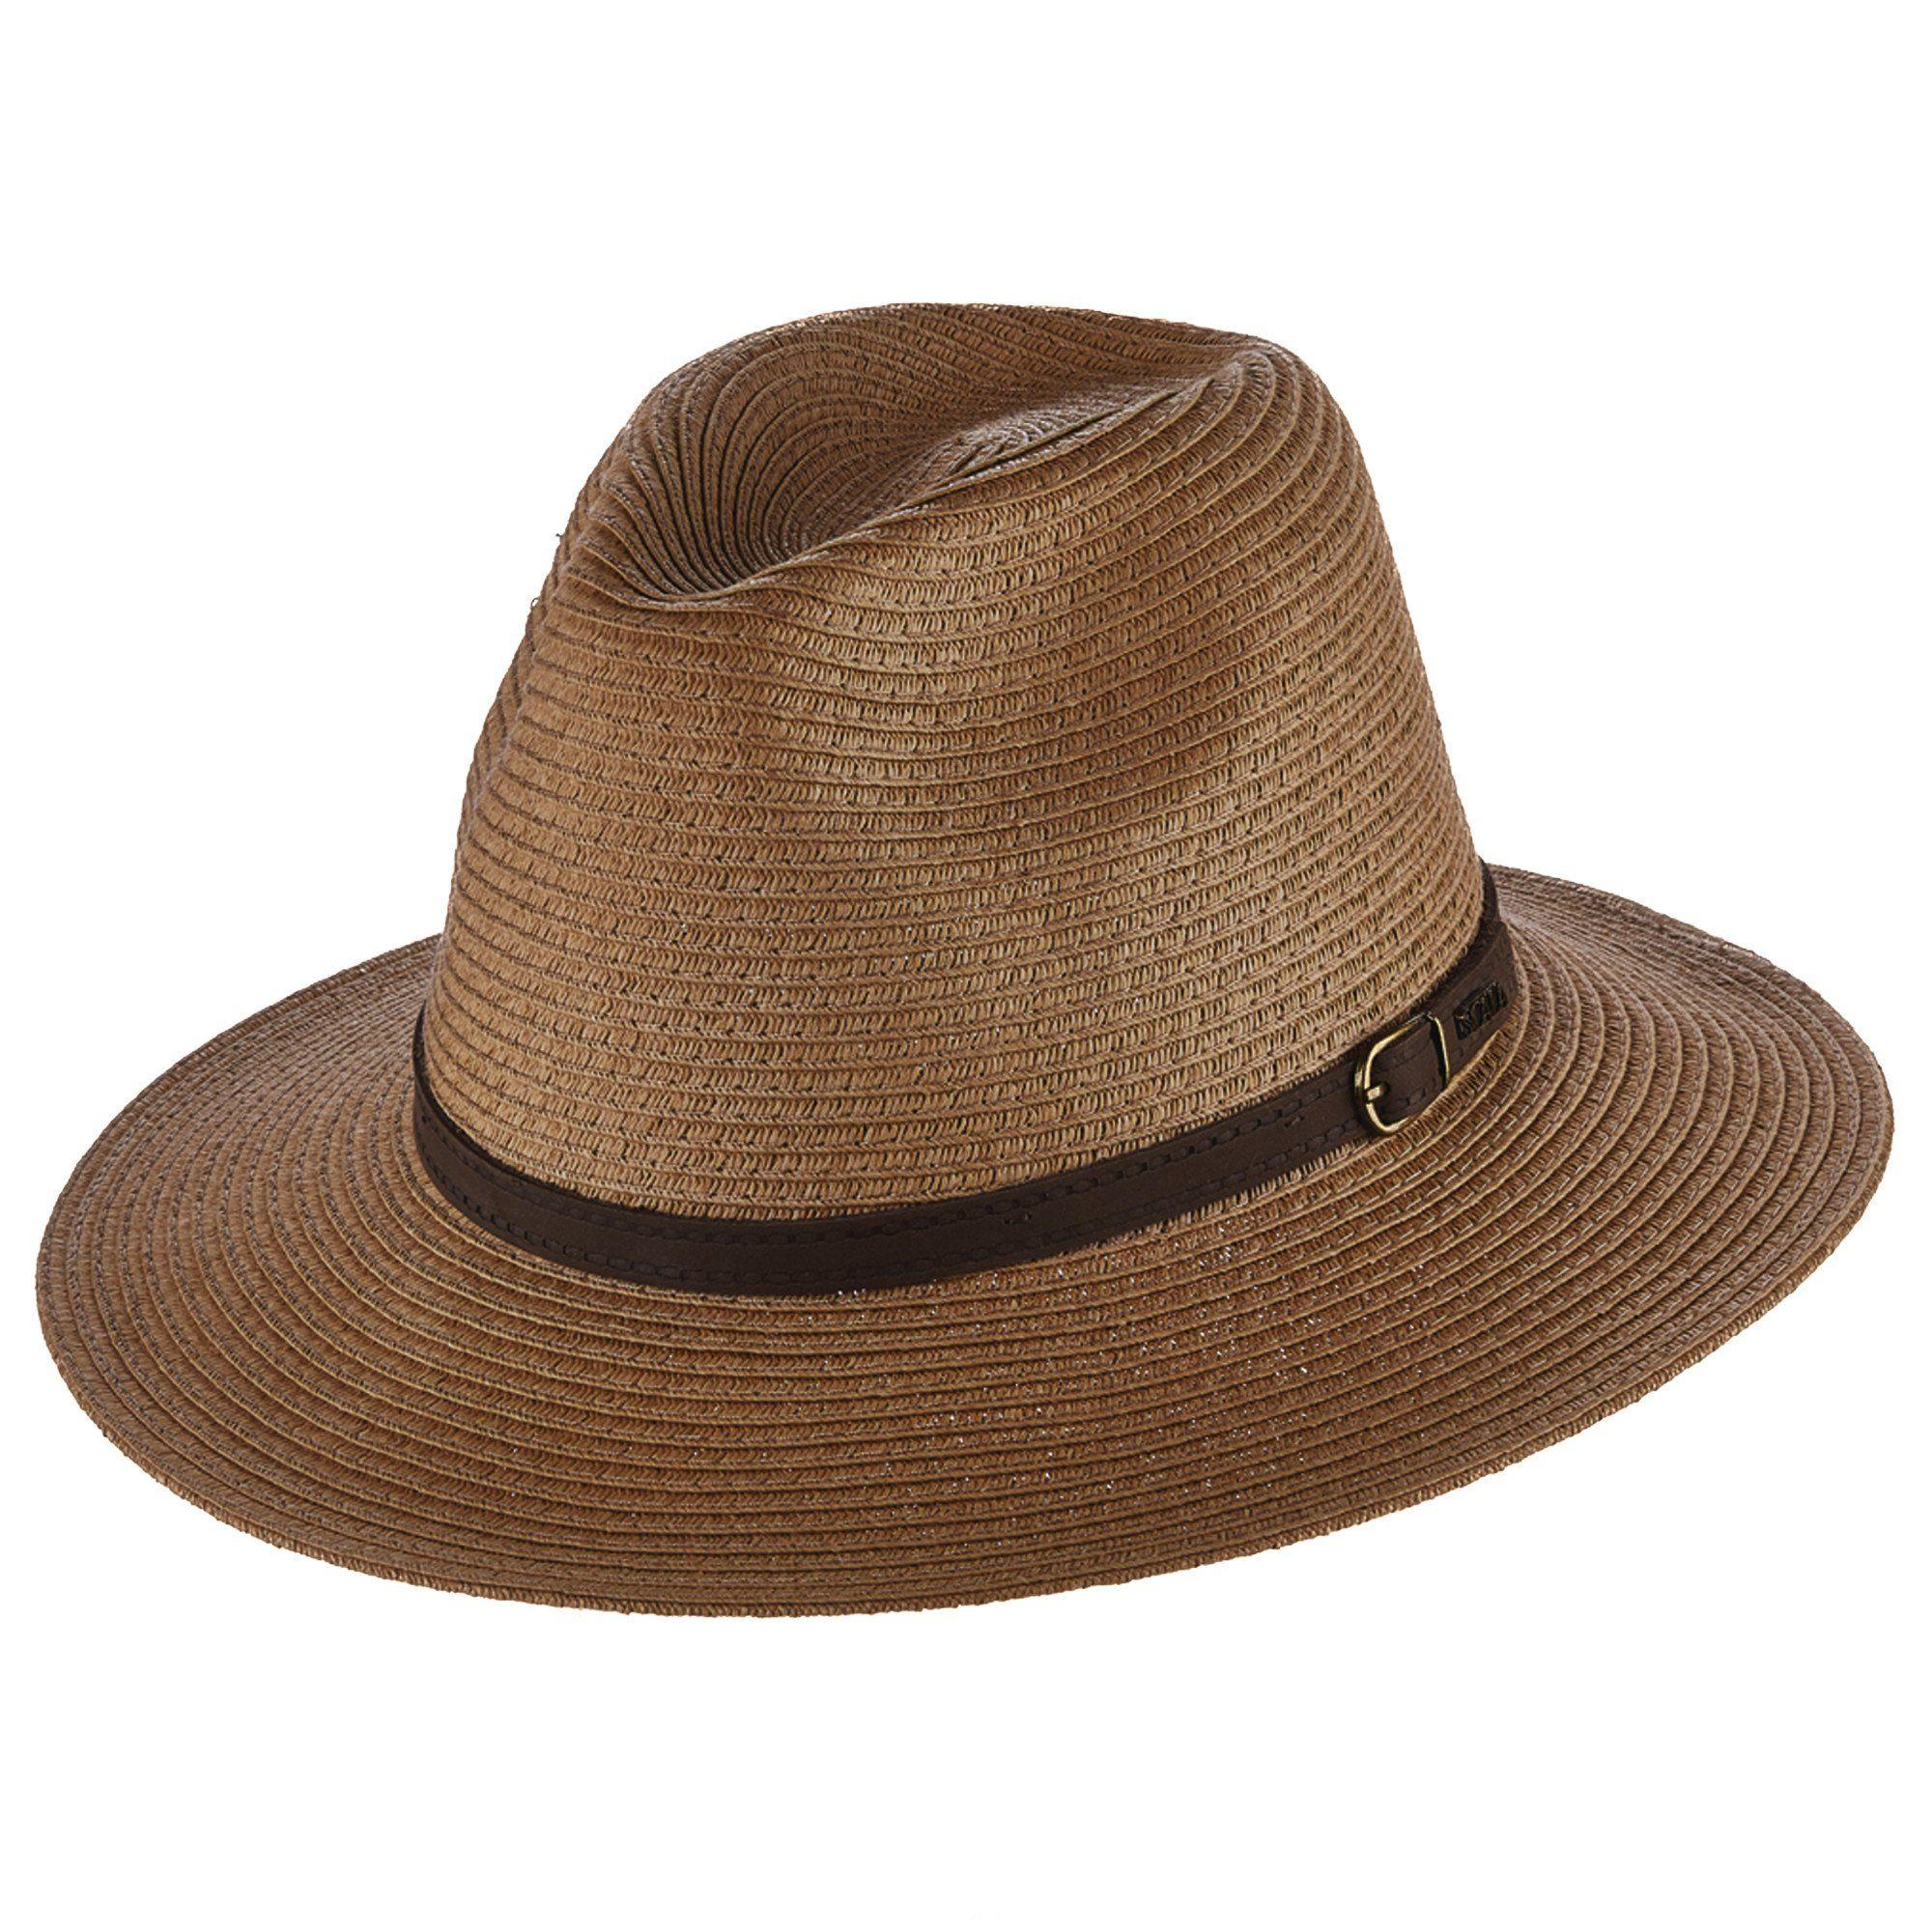 2b039f91946413 Scala's paper braid safari style hat. Flat brim, 2